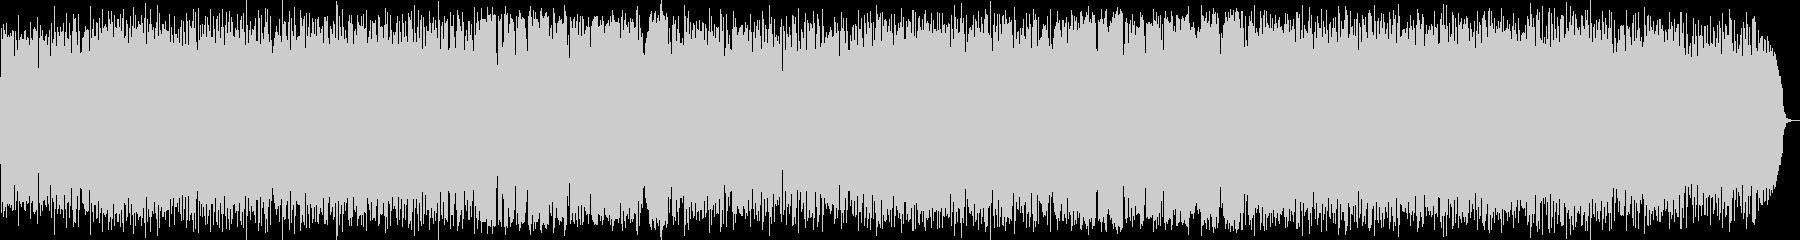 スピリチュアルな風 竹笛のヒーリング音楽の未再生の波形